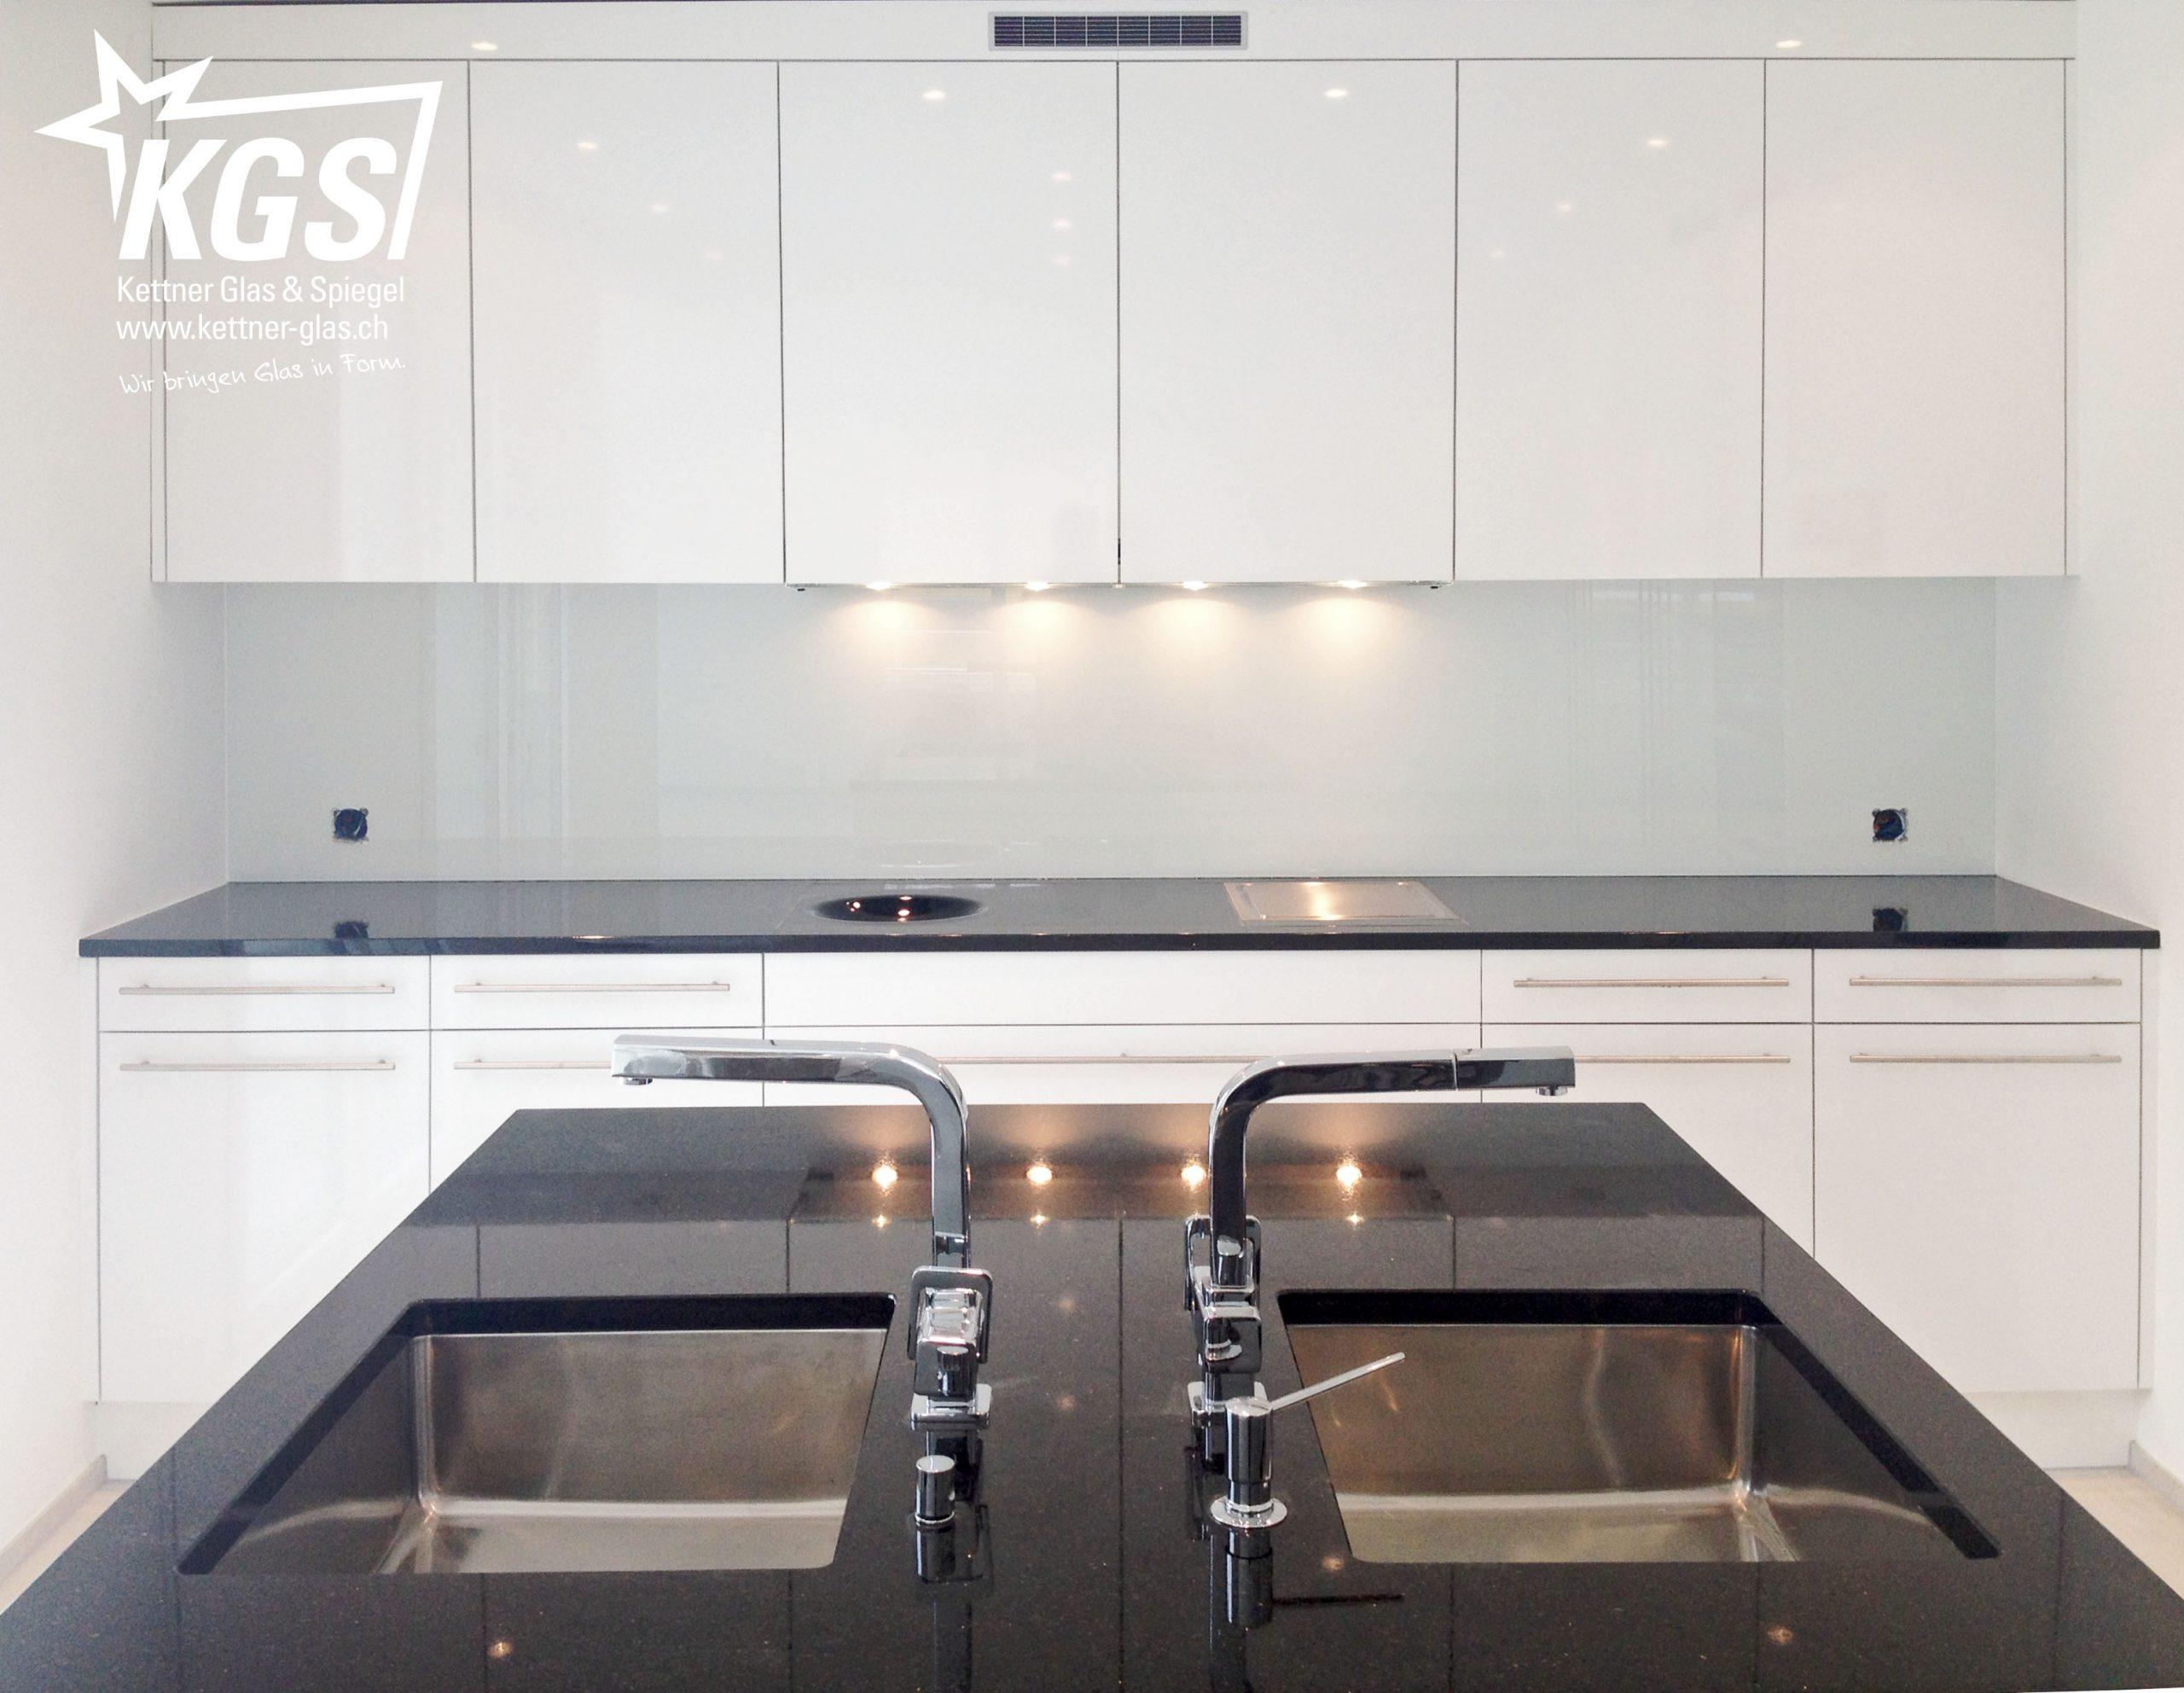 Full Size of Glaswand Küche Wohnzimmer Glaswand Küche Beleuchtet Glaswand Küche Kosten Glaswand Küche Preis Küche Glaswand Küche